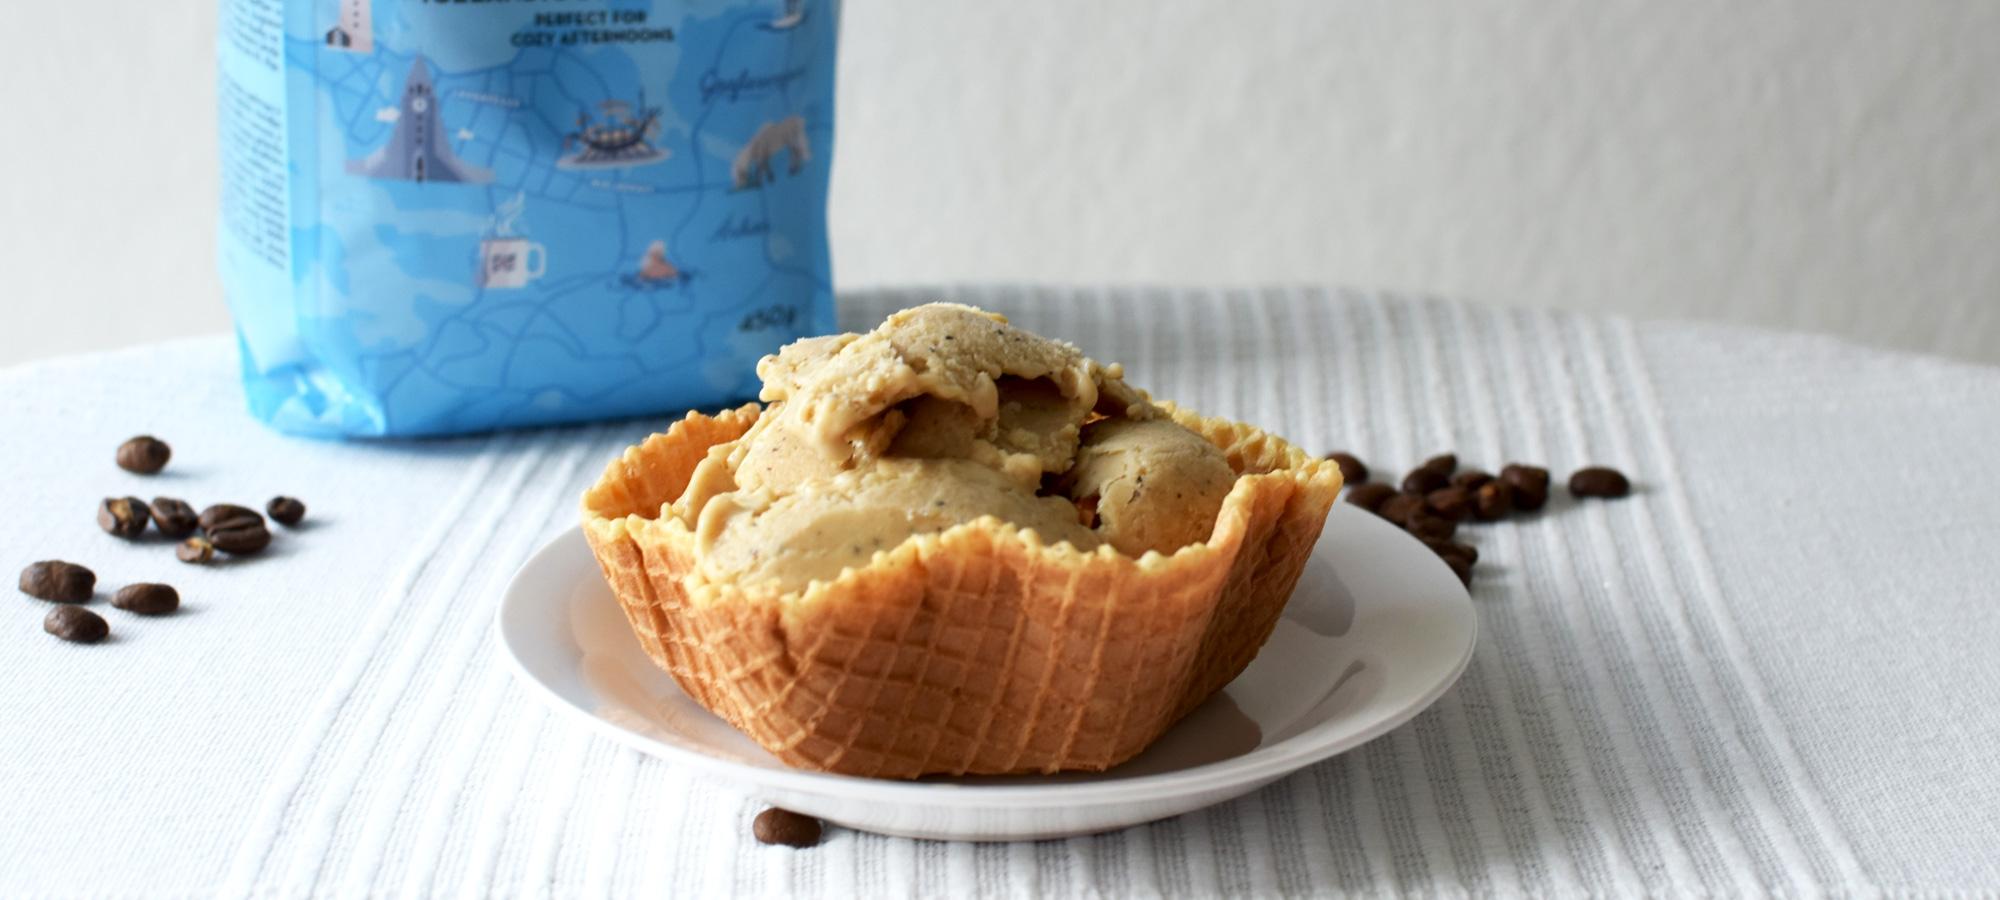 Herkullinen ja helppo kahvijäätelö valmistuu kahvipavuista ilman jäätelökonetta